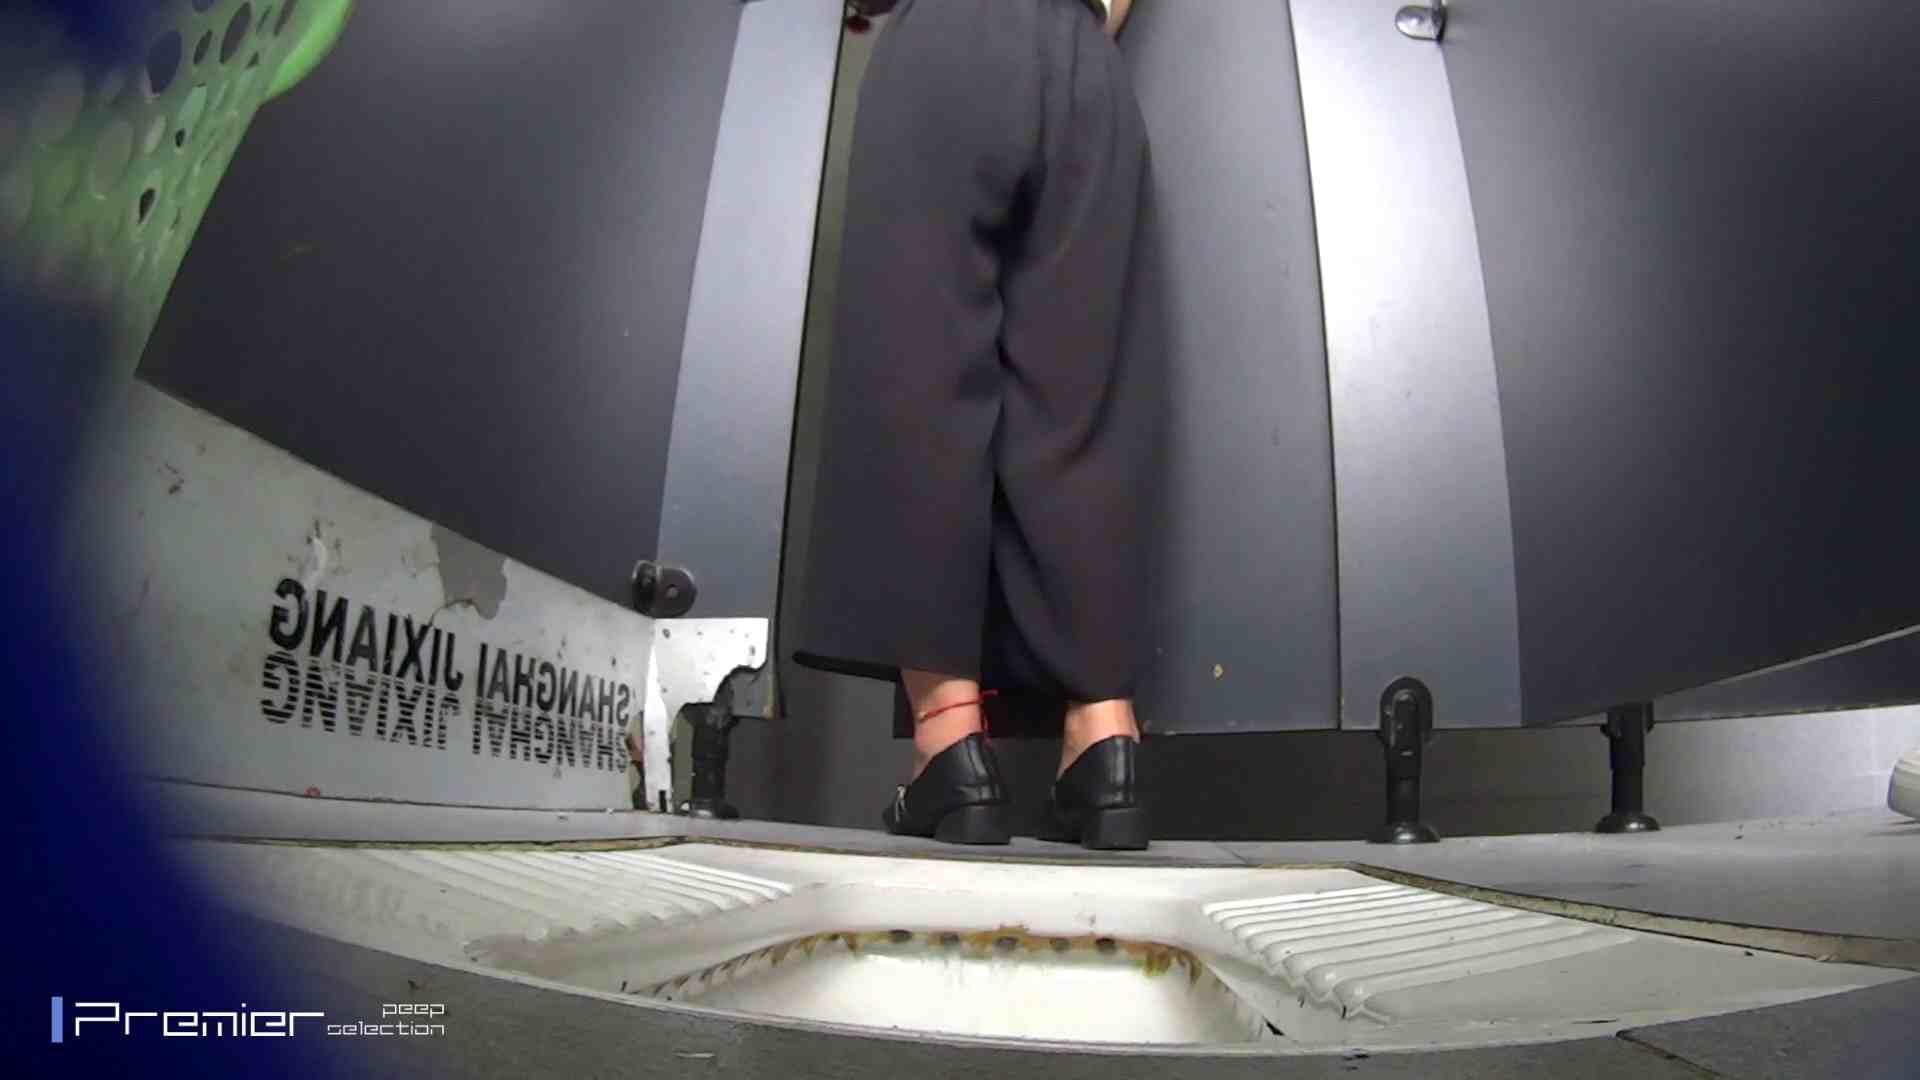 夏全開!ハーフパンツのギャル達 大学休憩時間の洗面所事情44 美女 ヌード画像 60連発 13